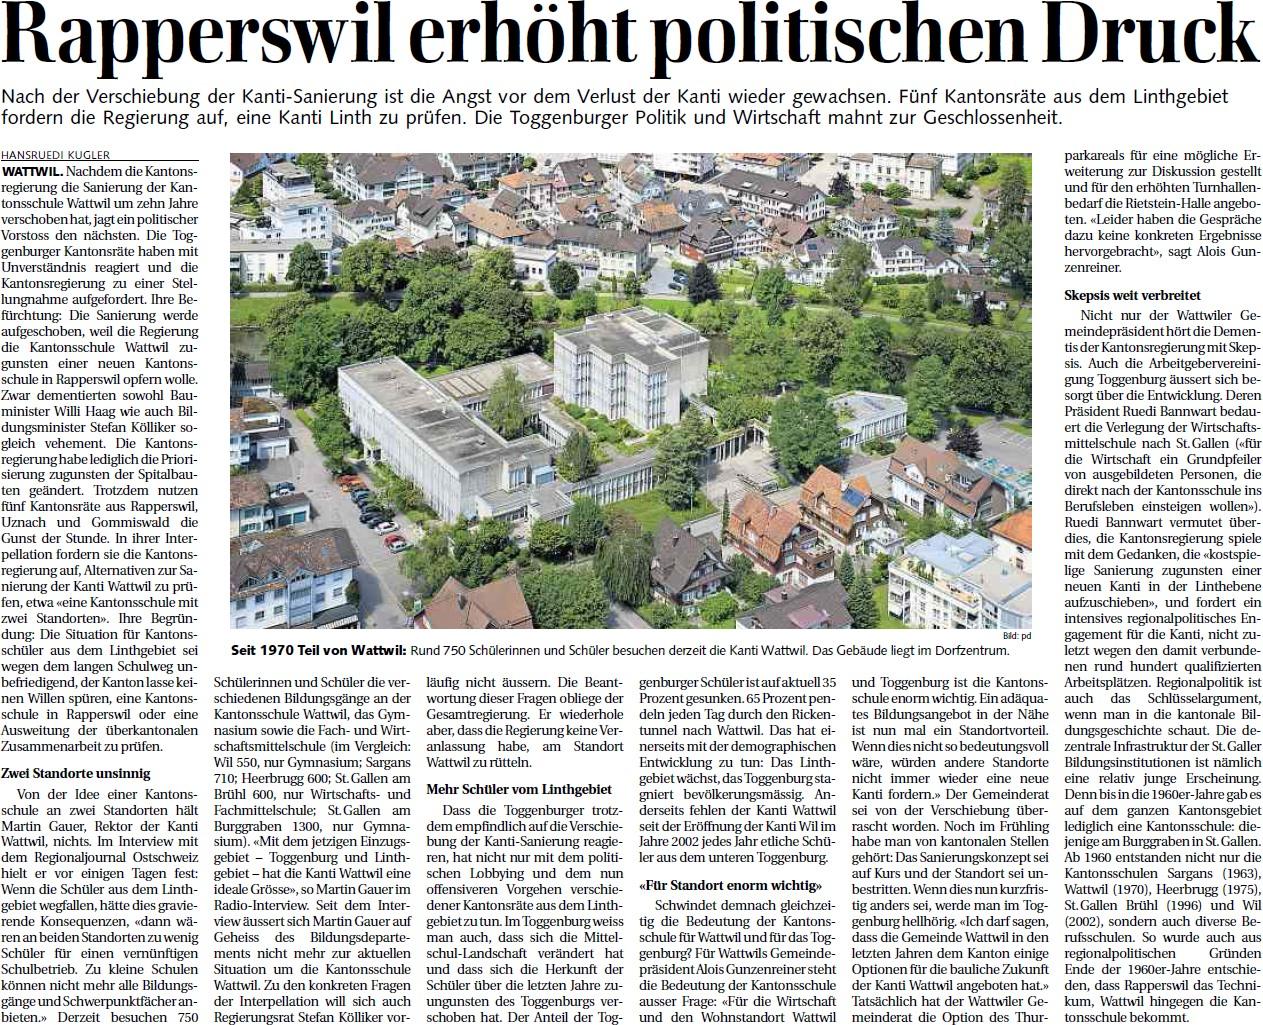 Zur Diskussion um den Schulstandort: Rapperswil erhöht politischen Druck (Mittwoch, 12.06.2013)